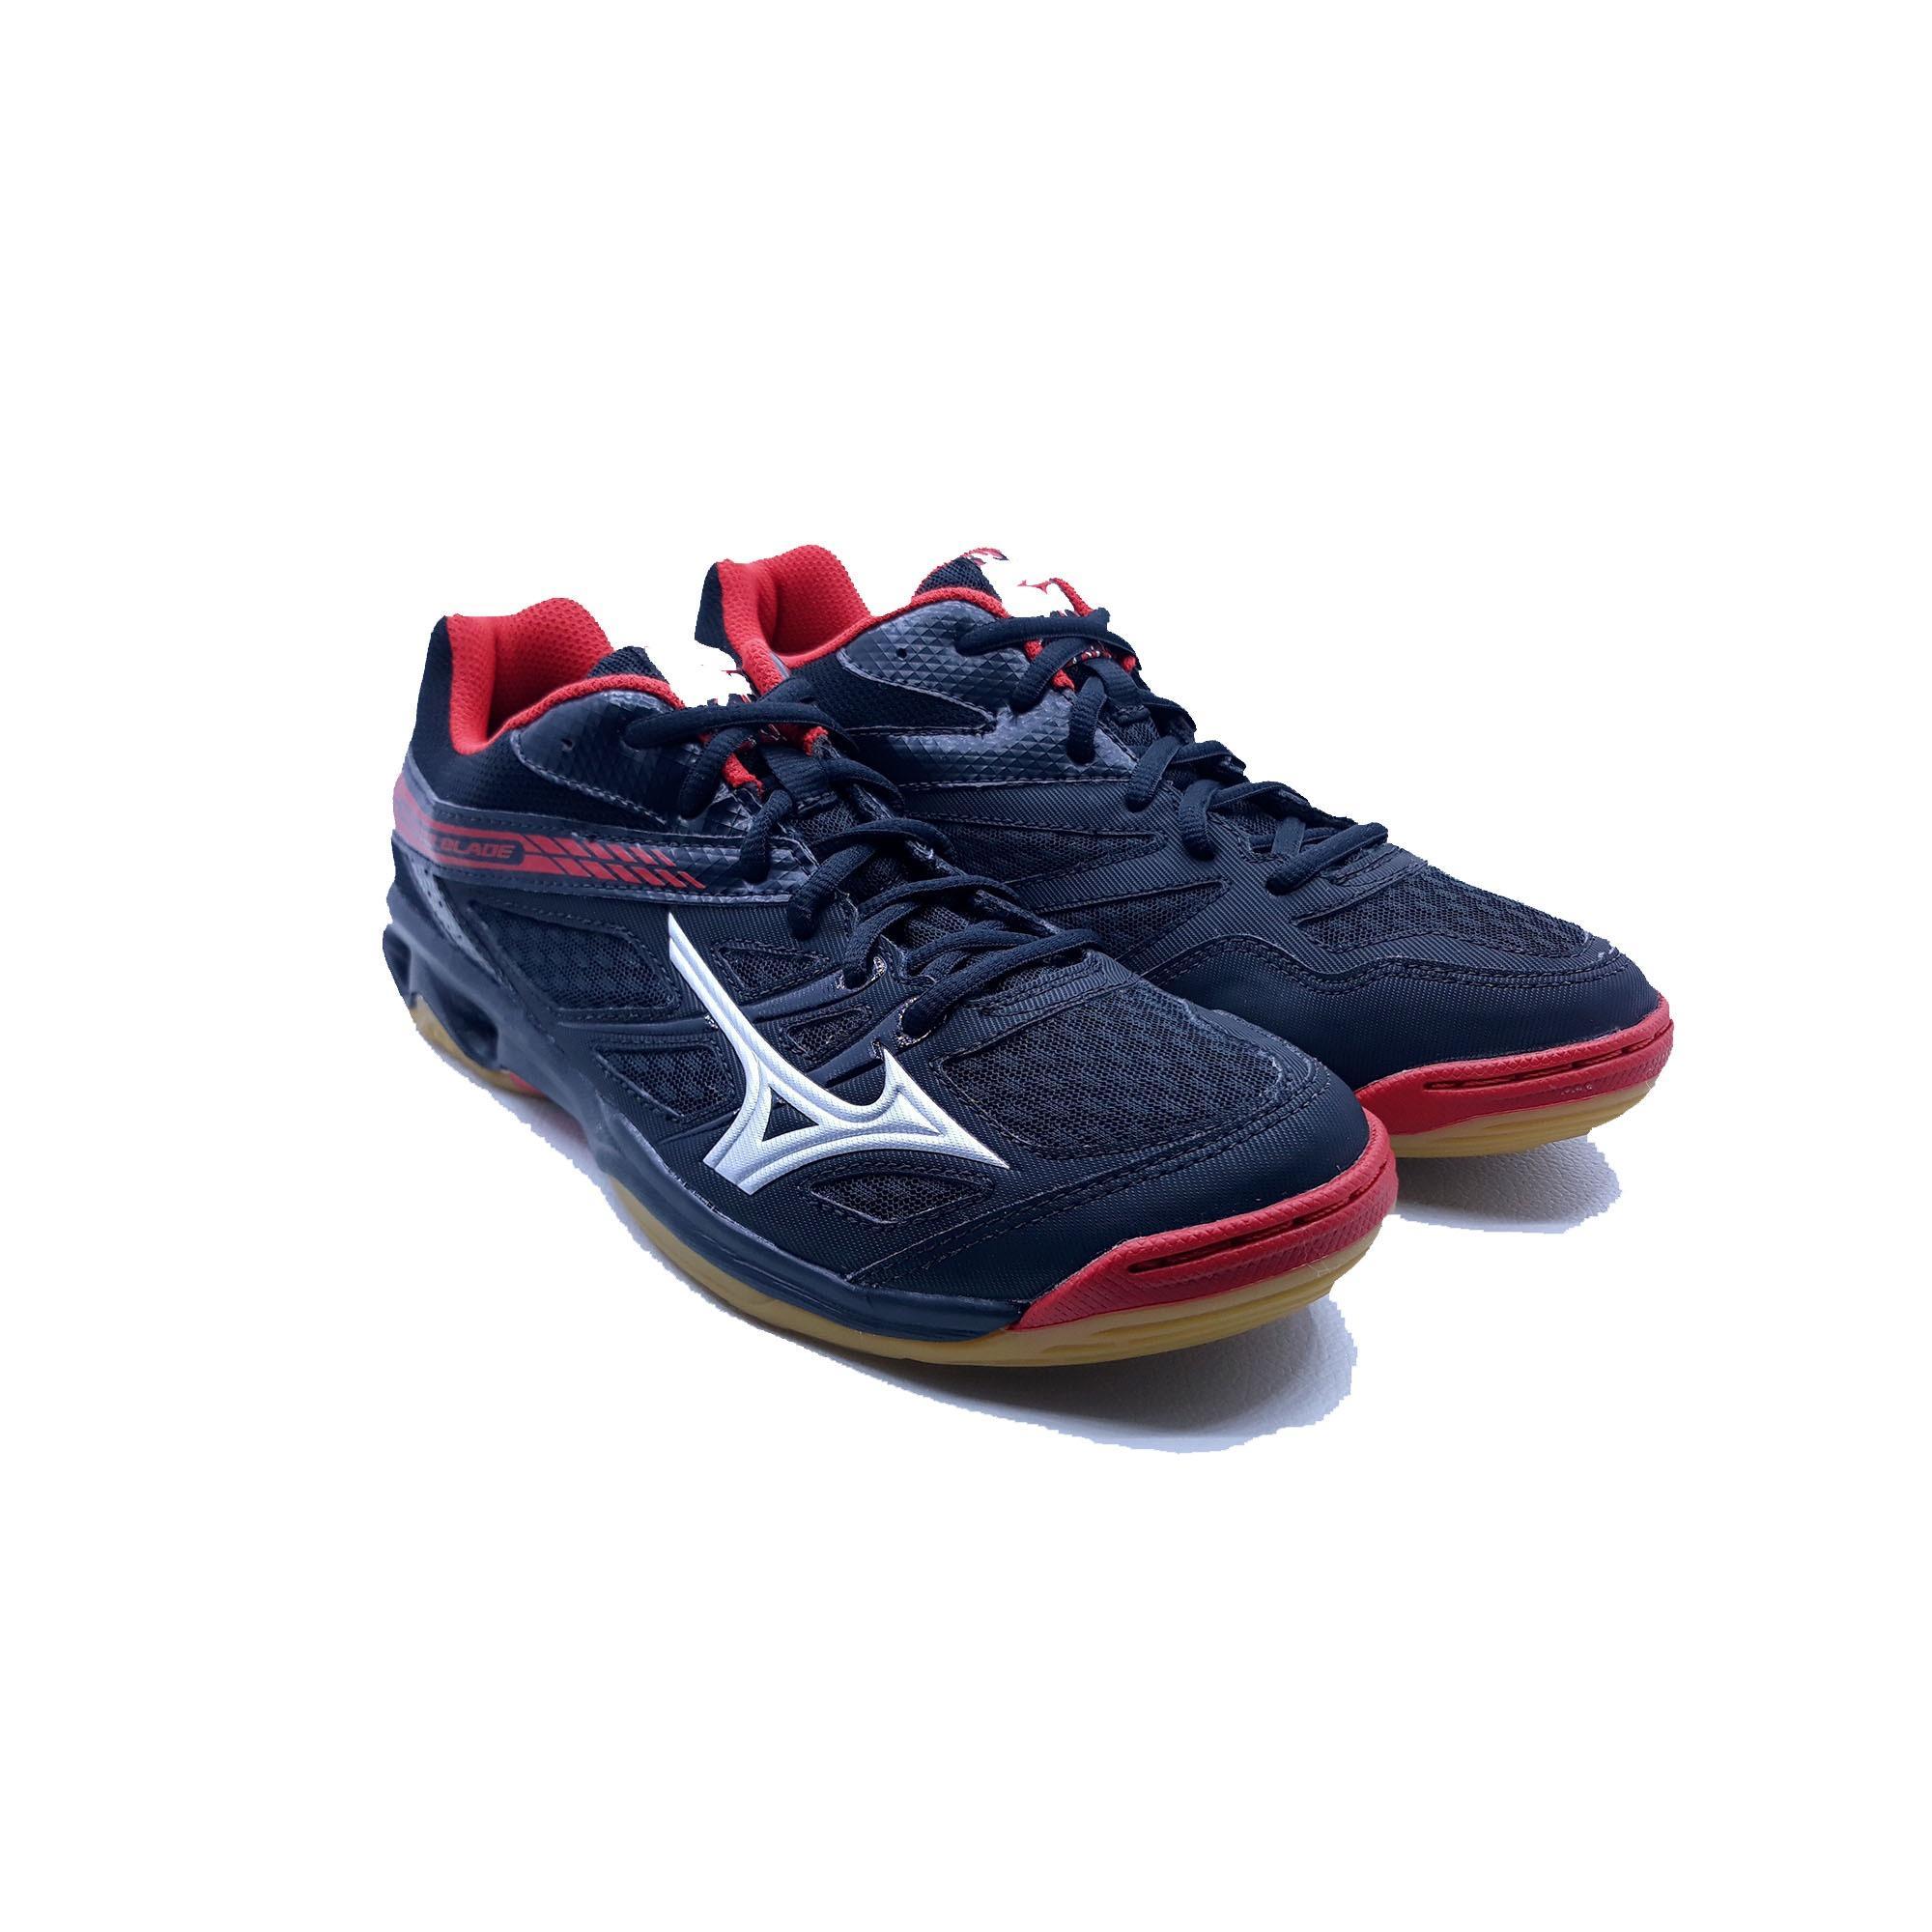 Sepatu Olahraga Volly Mizuno Thunder Blade - Black Silver Red 8e52fc77e1